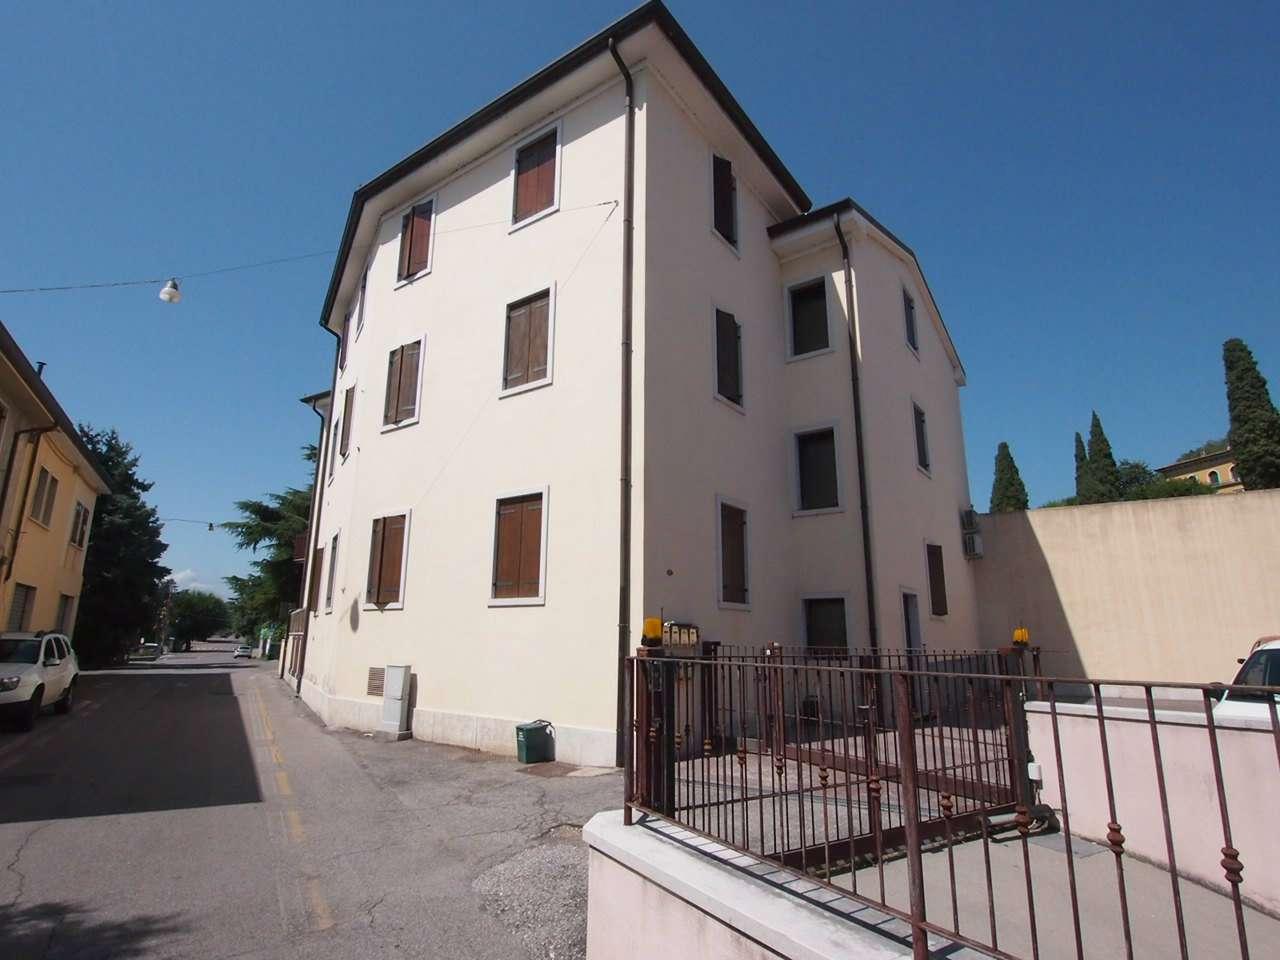 Appartamento in vendita a Sant'Ambrogio di Valpolicella, 2 locali, prezzo € 62.000   CambioCasa.it